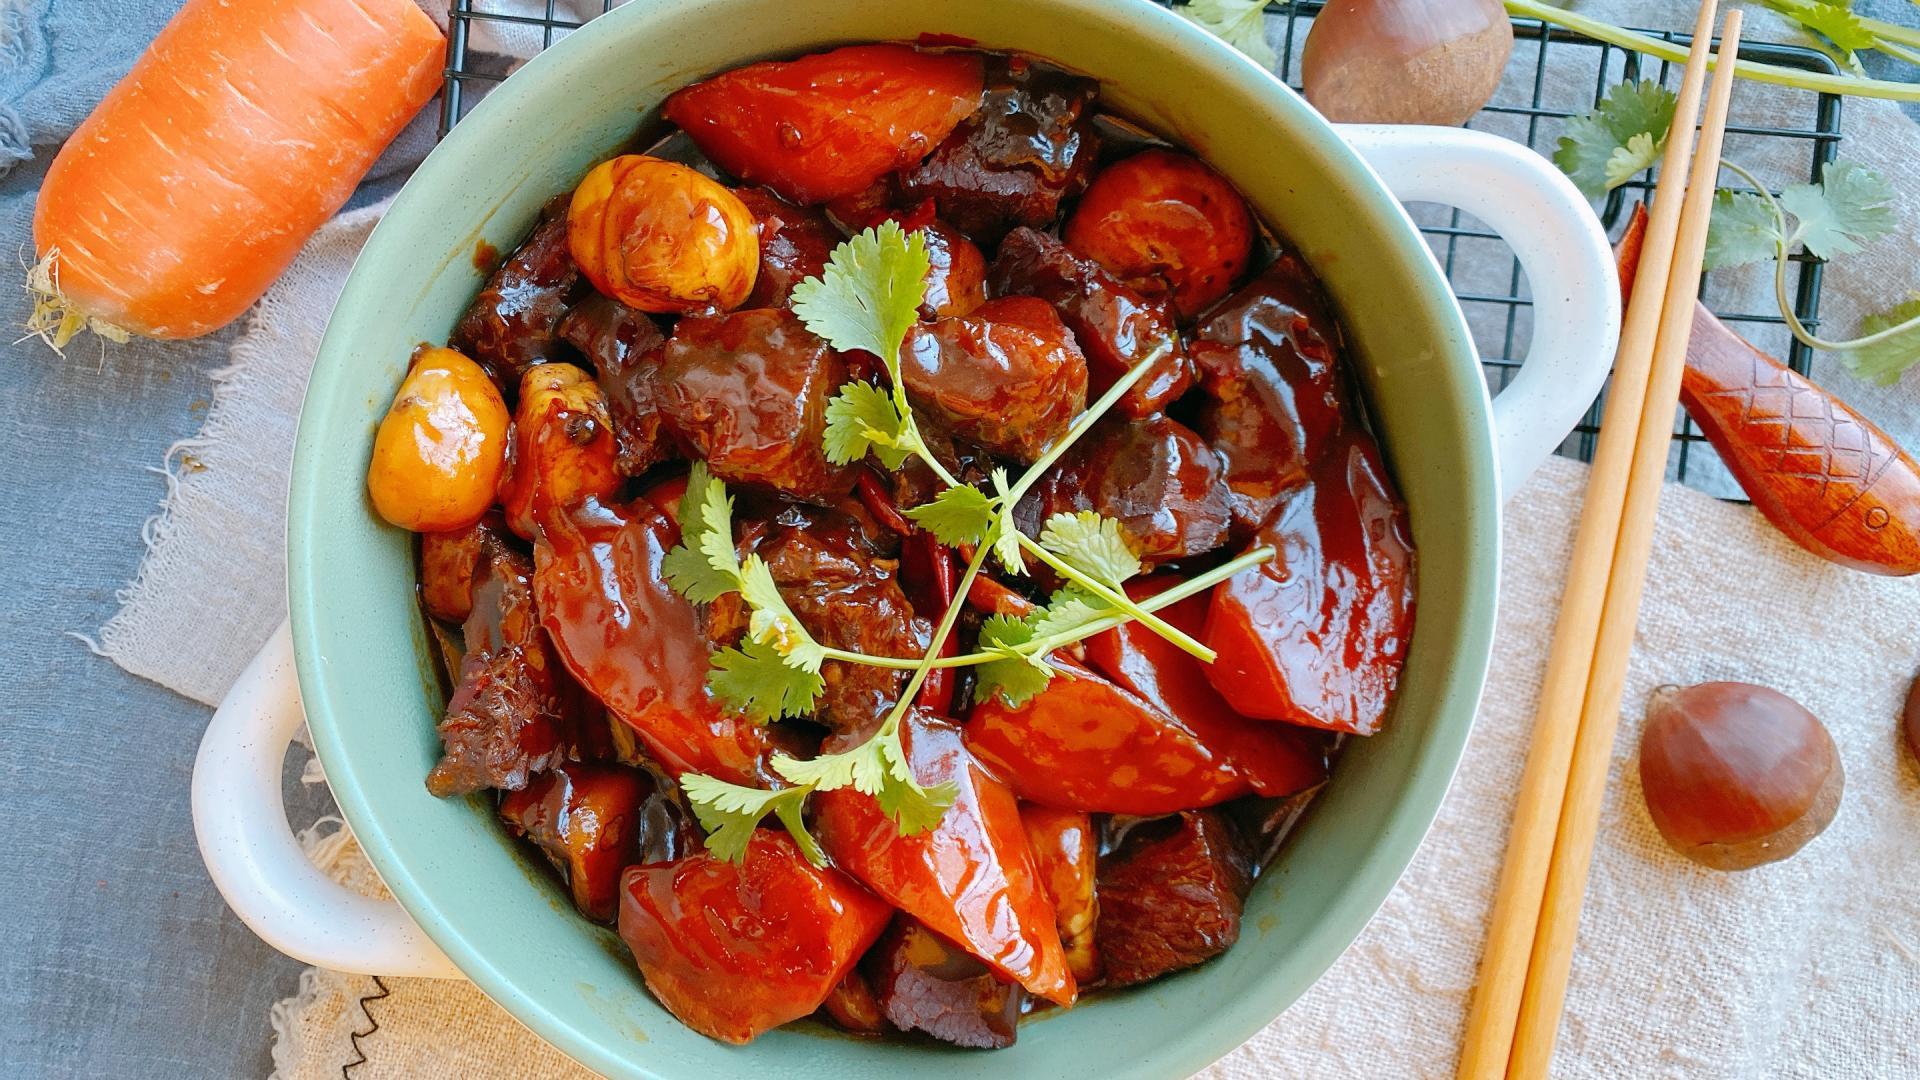 年夜饭之红烧牛肉,掌握3个技巧,做好的肉颜色红亮,软糯不塞牙